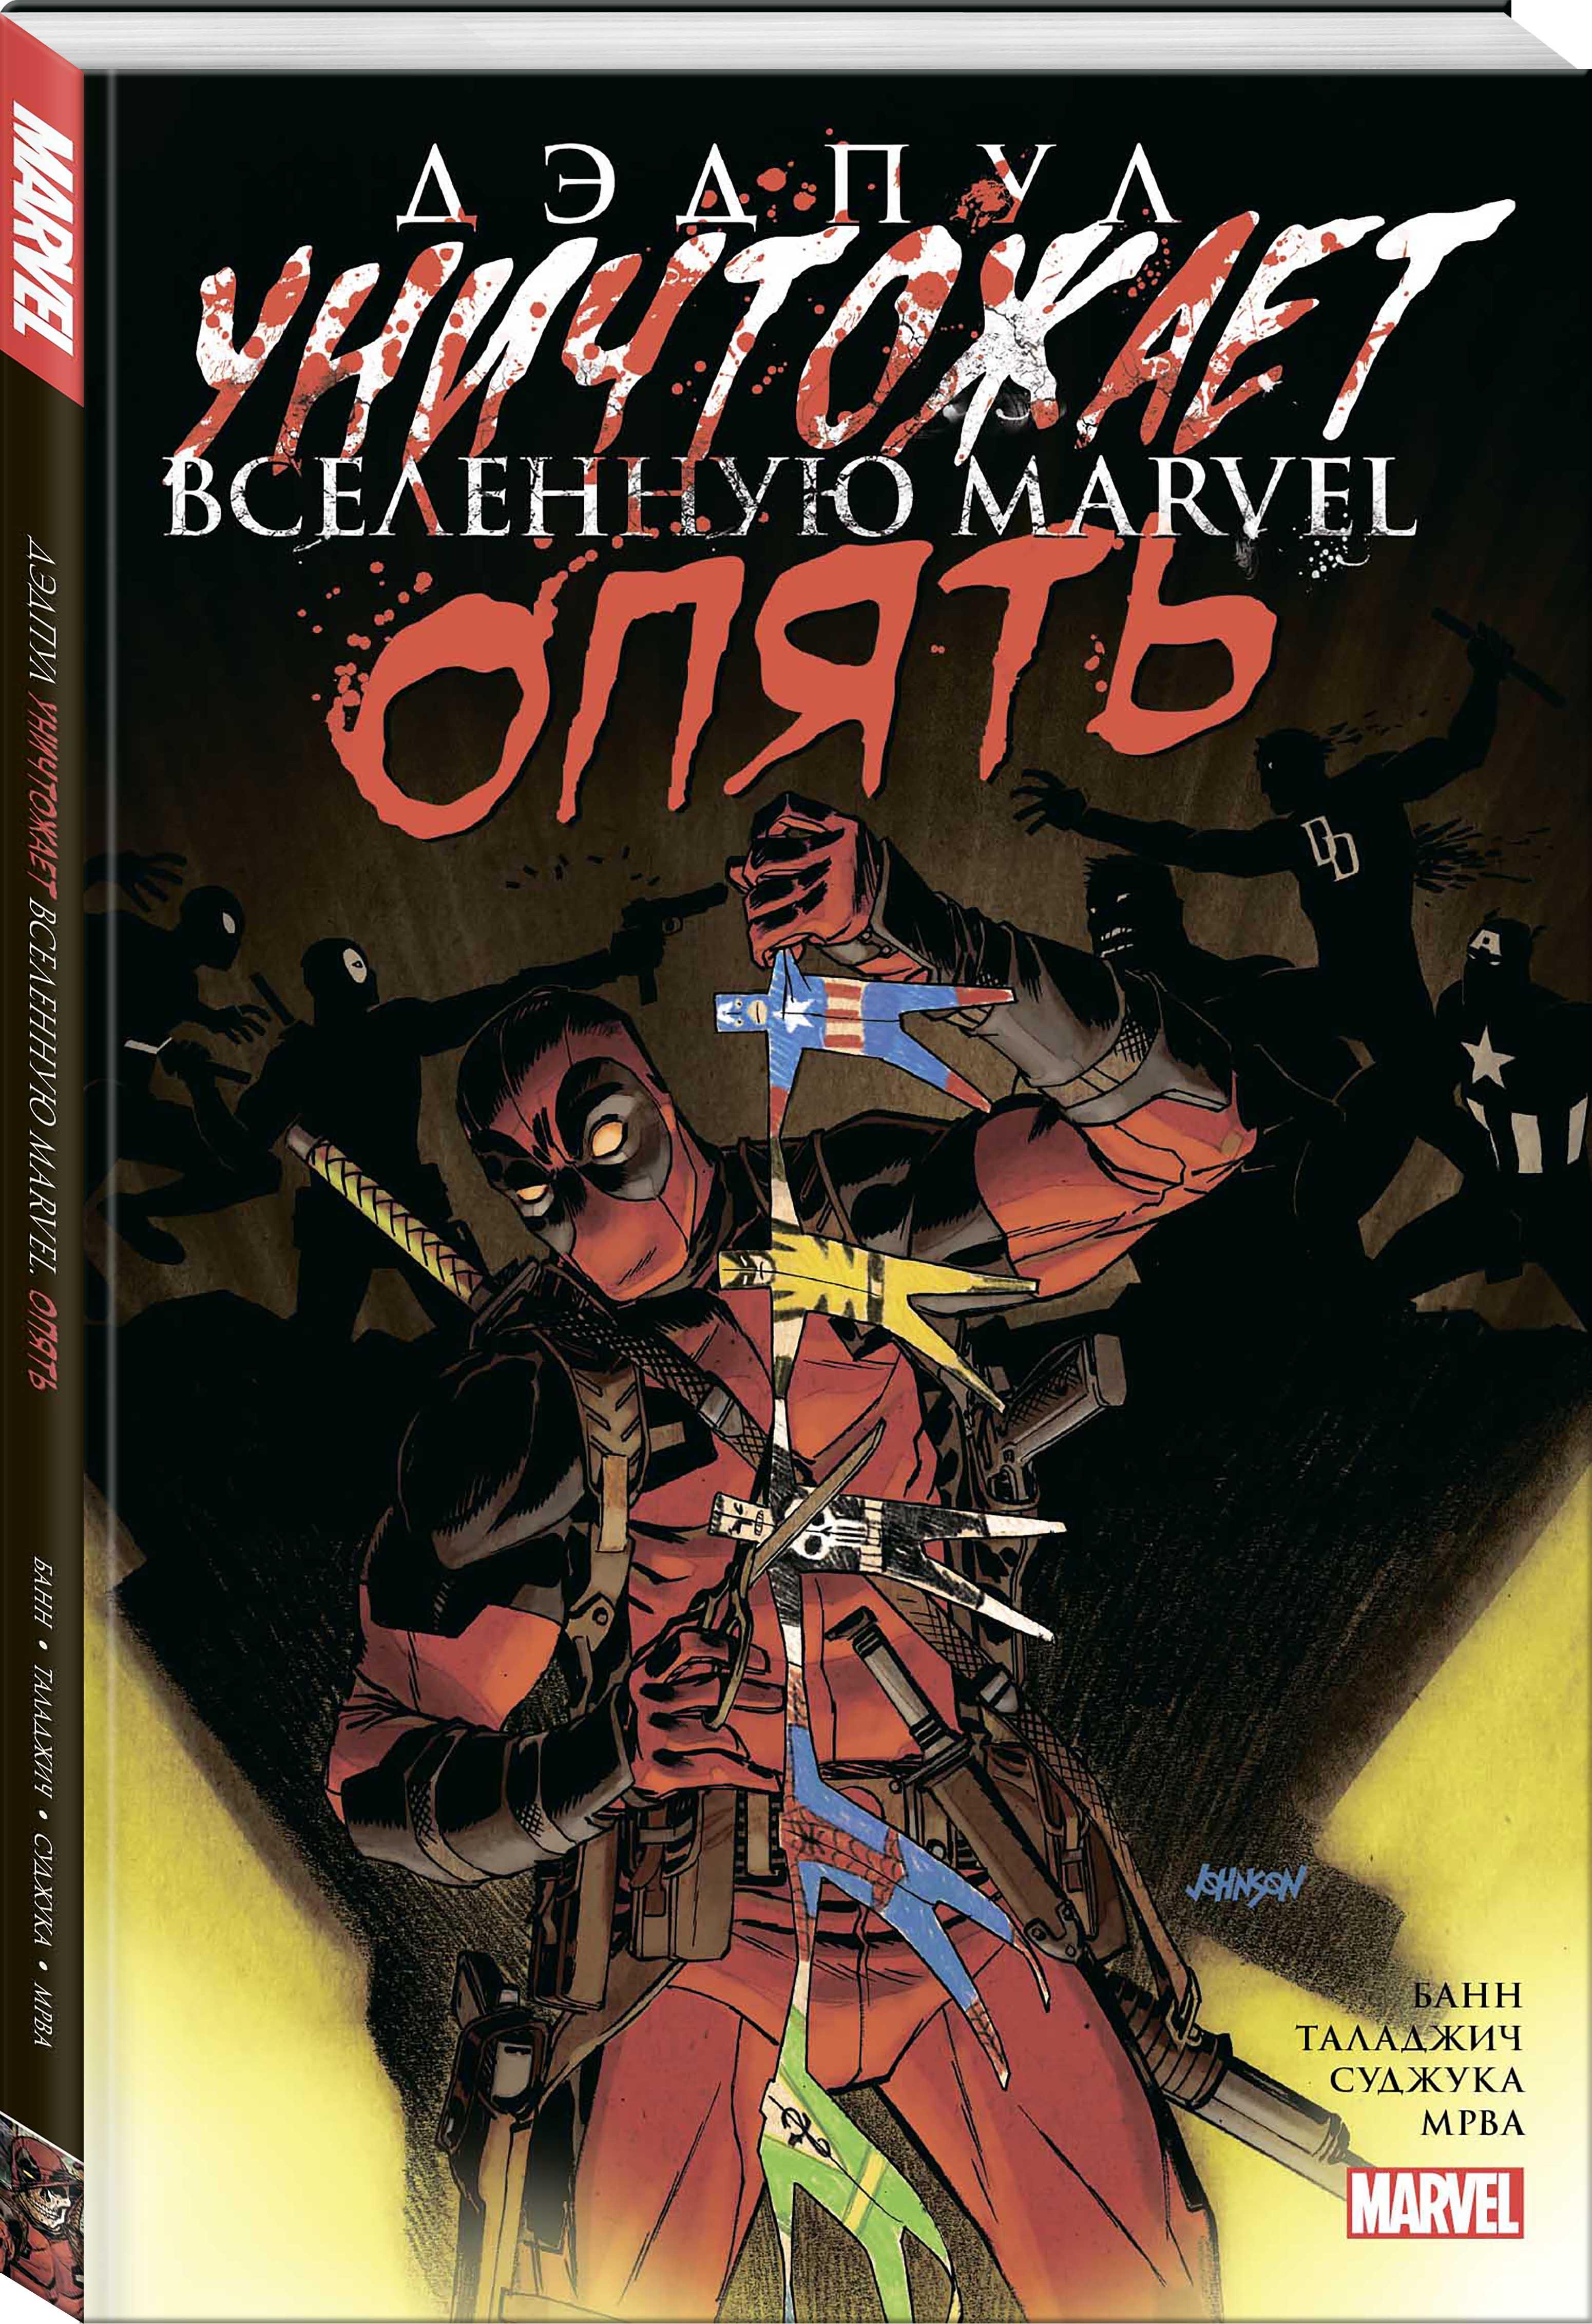 Каллен Банн Дэдпул уничтожает вселенную Marvel. Опять комплект комиксов чубакка сёрфер бибоп рокстеди и дэдпул уничтожают вселенную марвел isbn 9785040929917